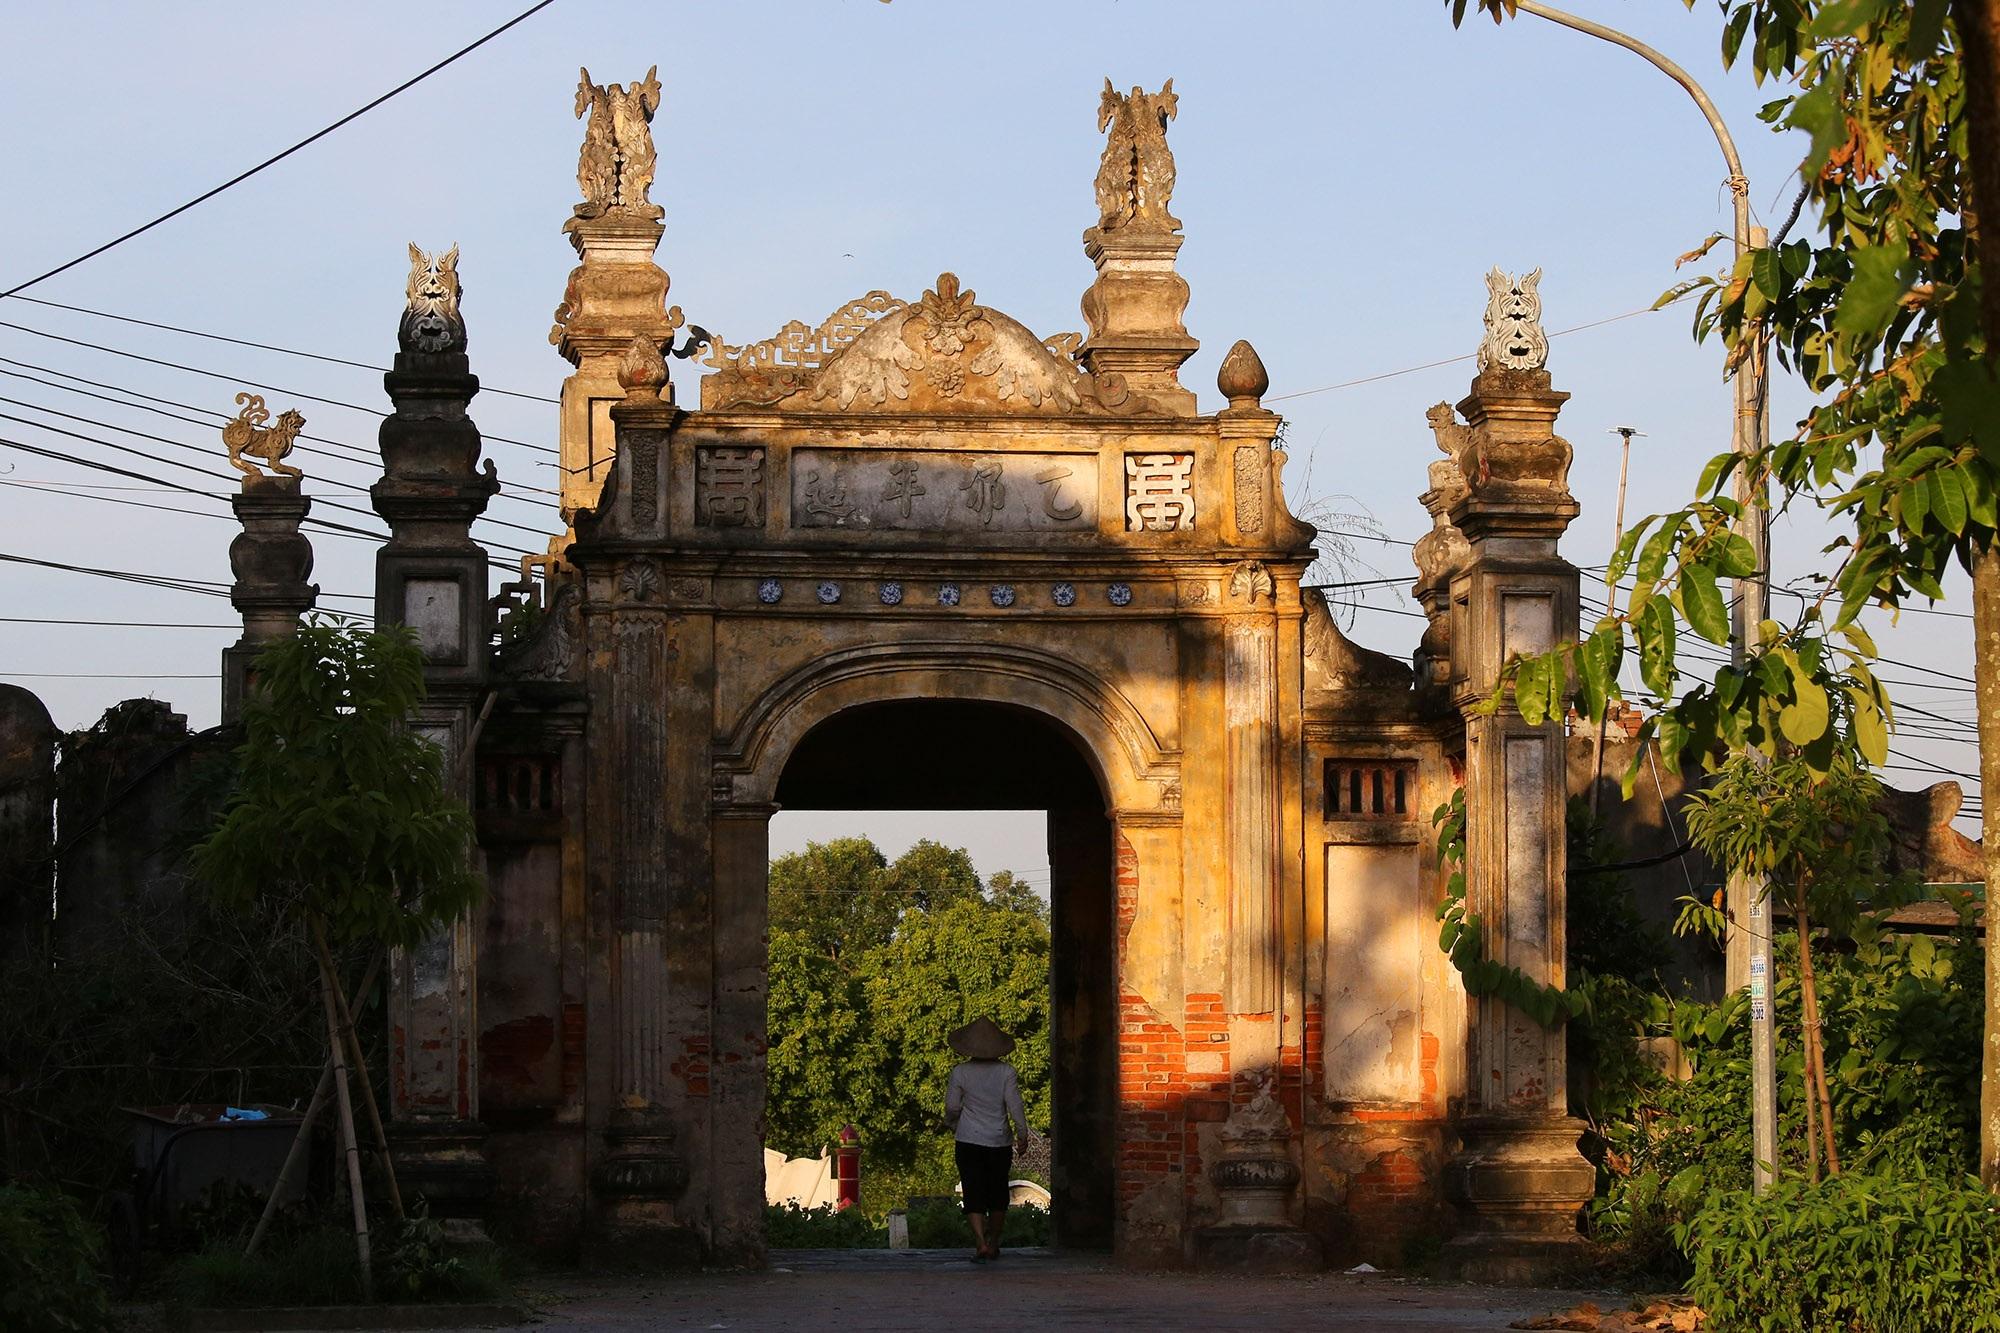 Phát hiện thêm một cổ trấn đẹp bình dị cách Hà Nội 30 km - 3